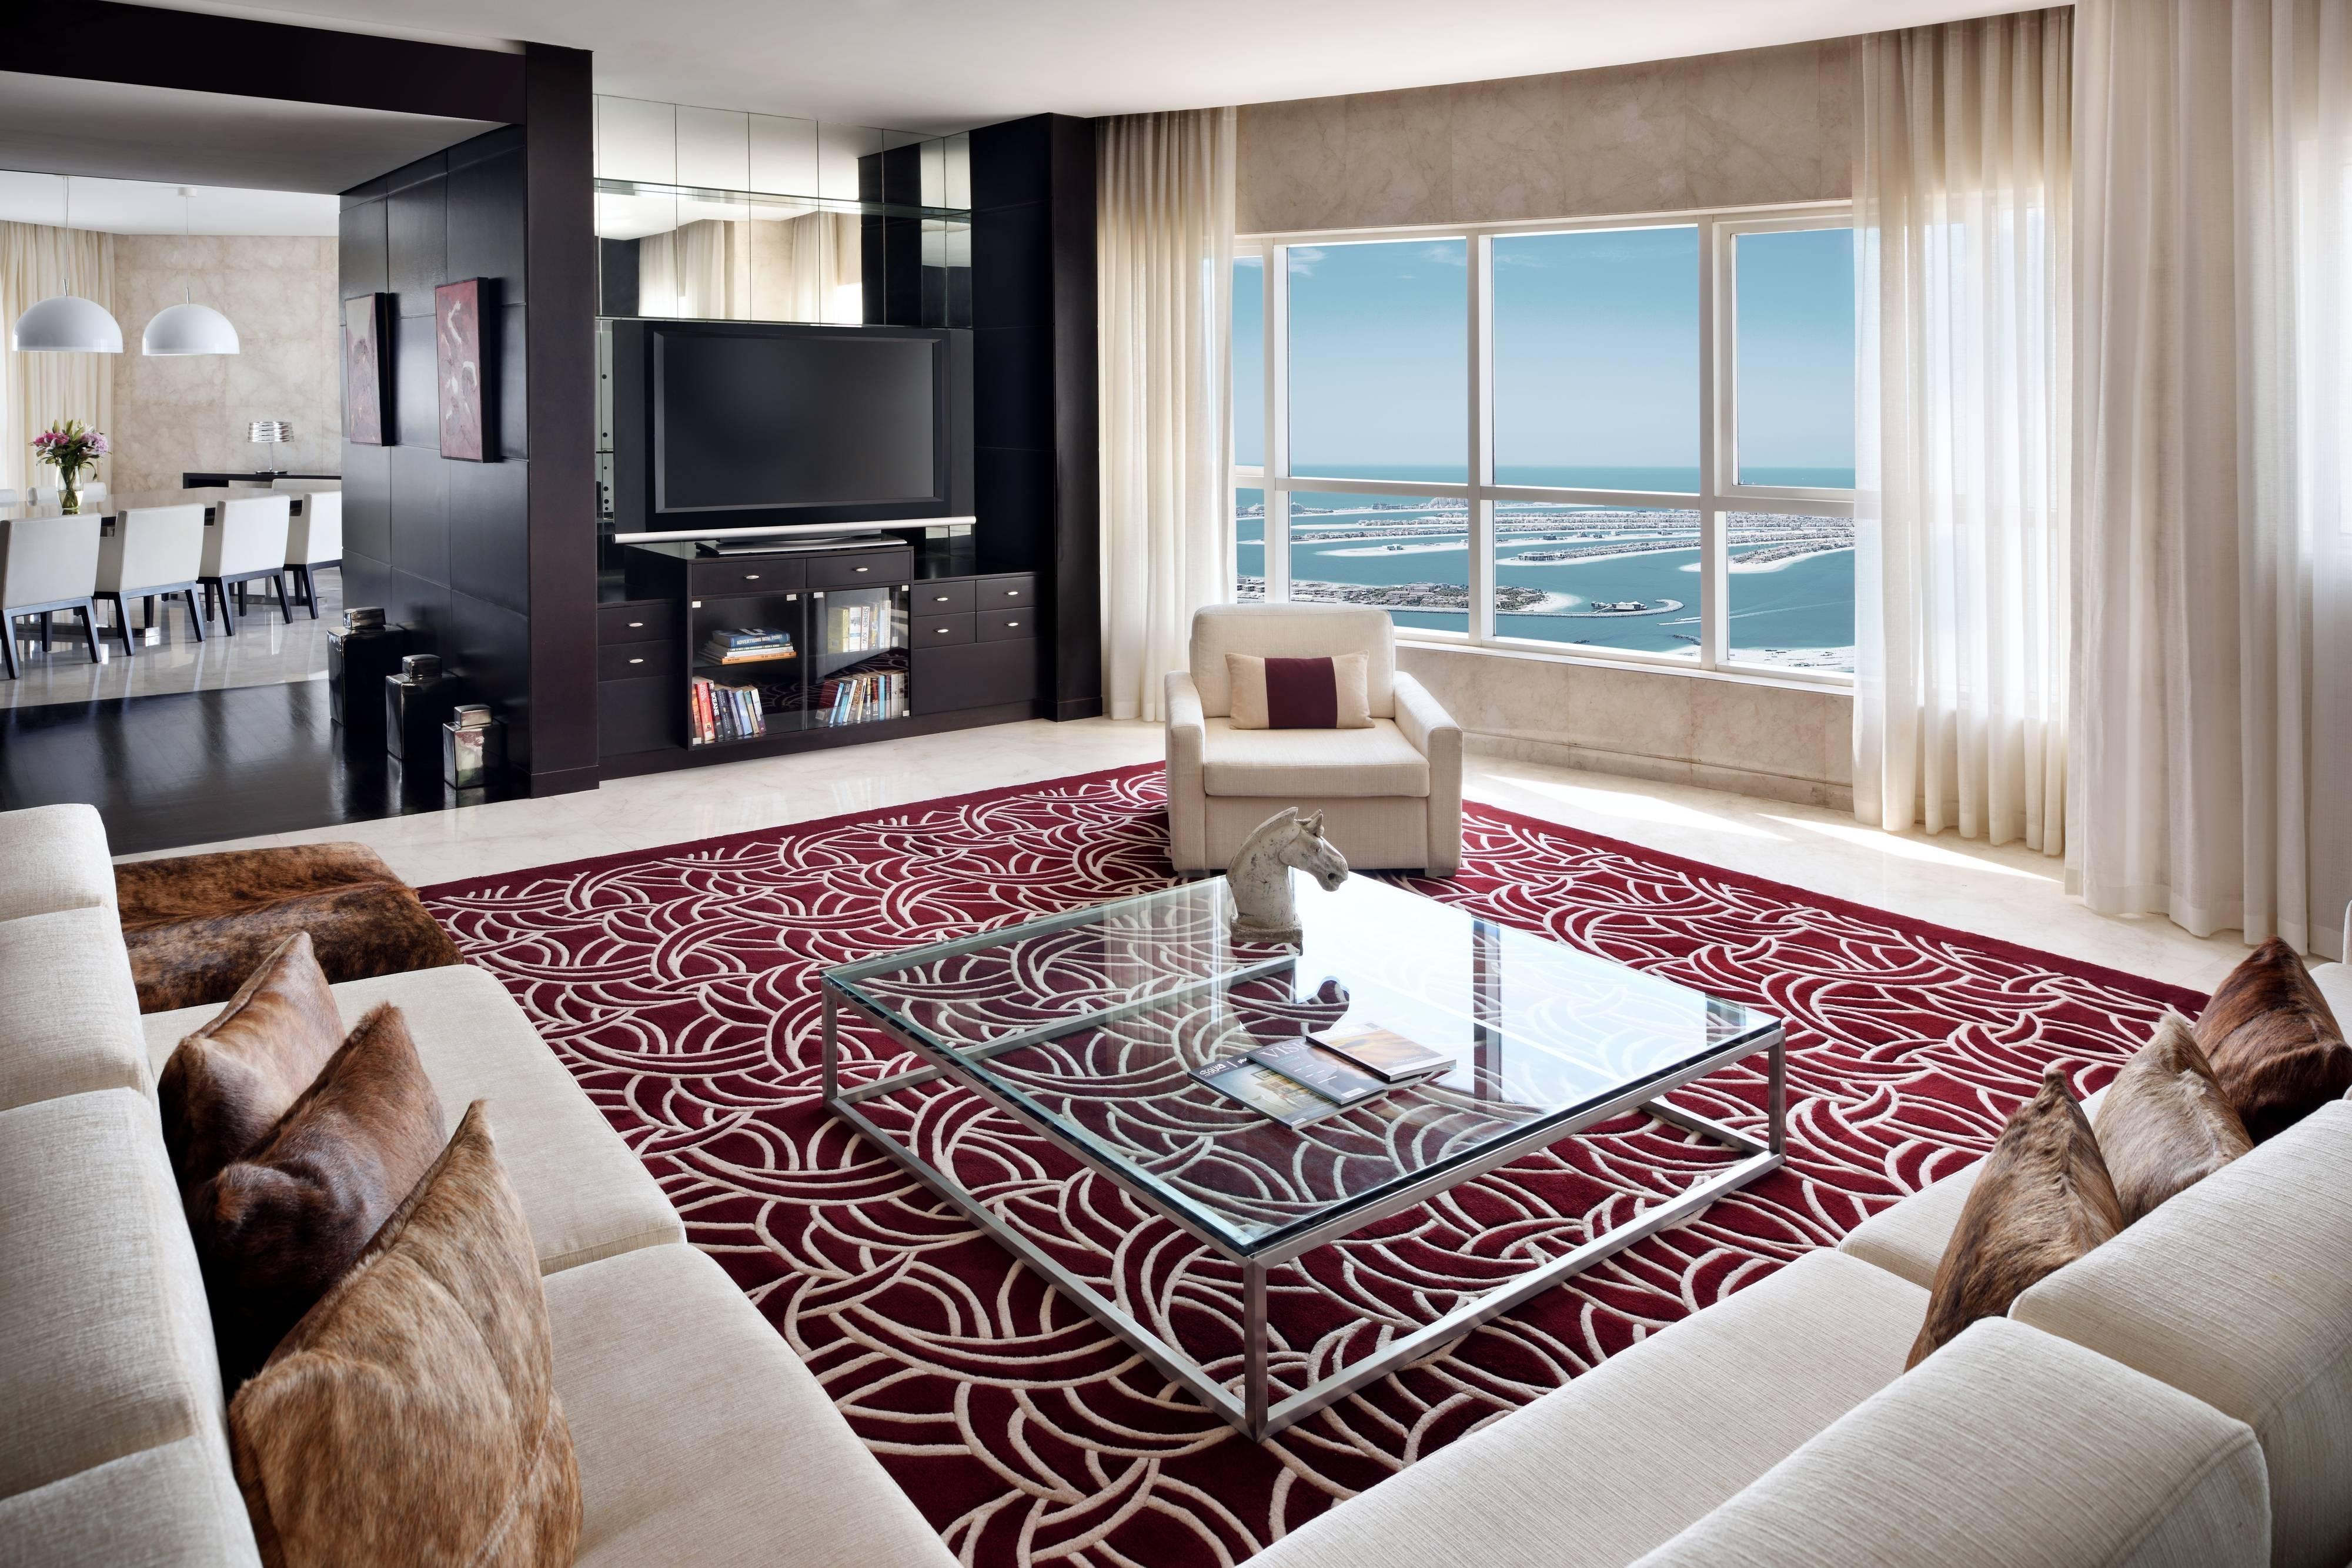 جناح بنتهاوس يتكون من ثلاث غرف نوم - غرفة معيشة